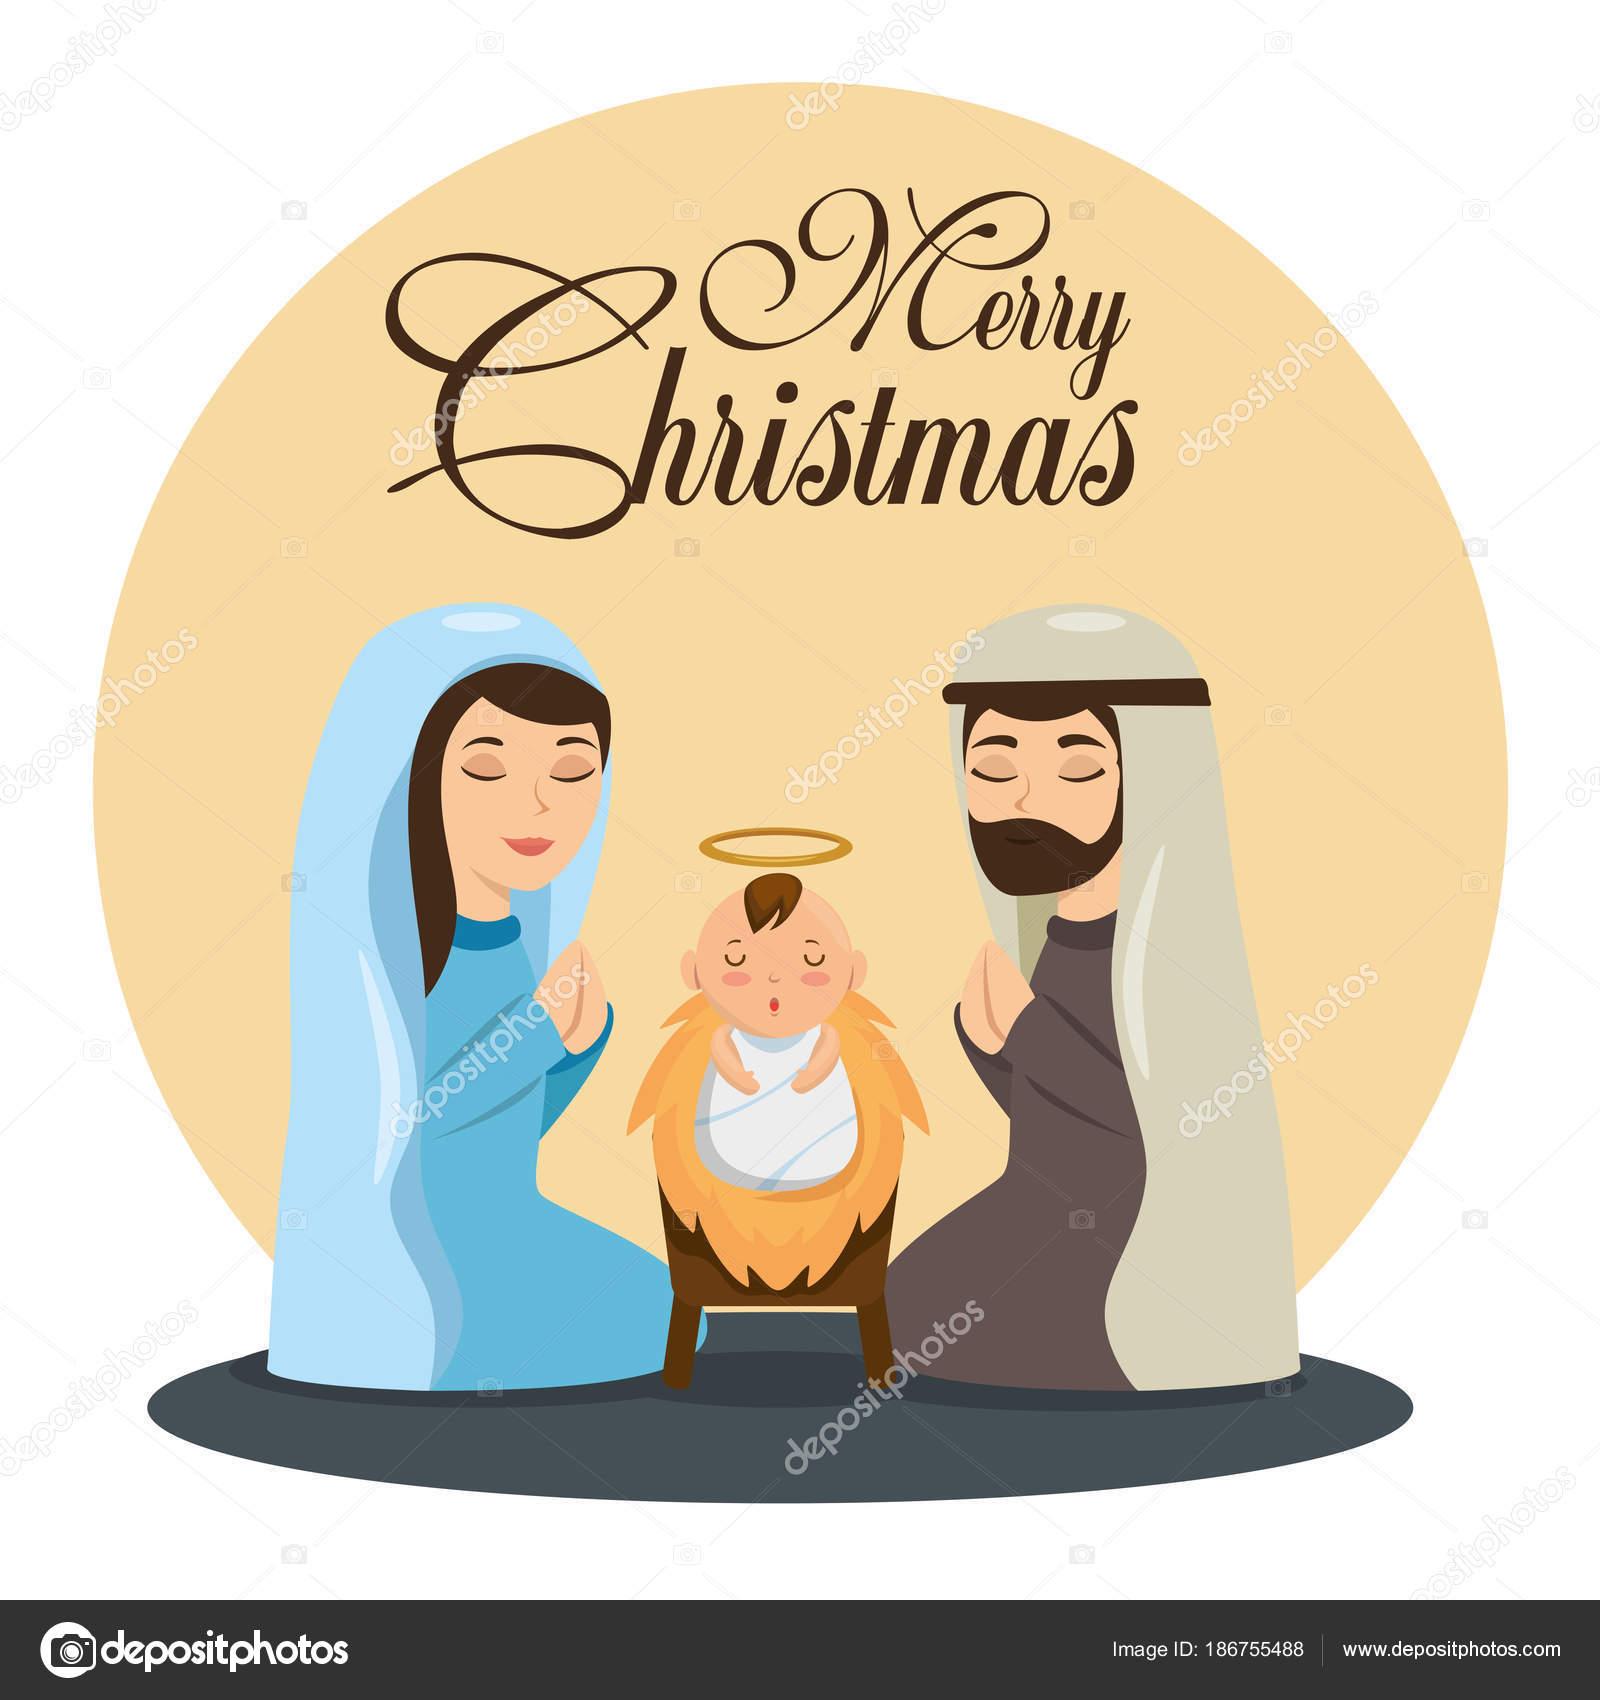 Immagini Sacre Di Buon Natale.Scena Di Nativita Di Buon Natale Con Sacra Famiglia